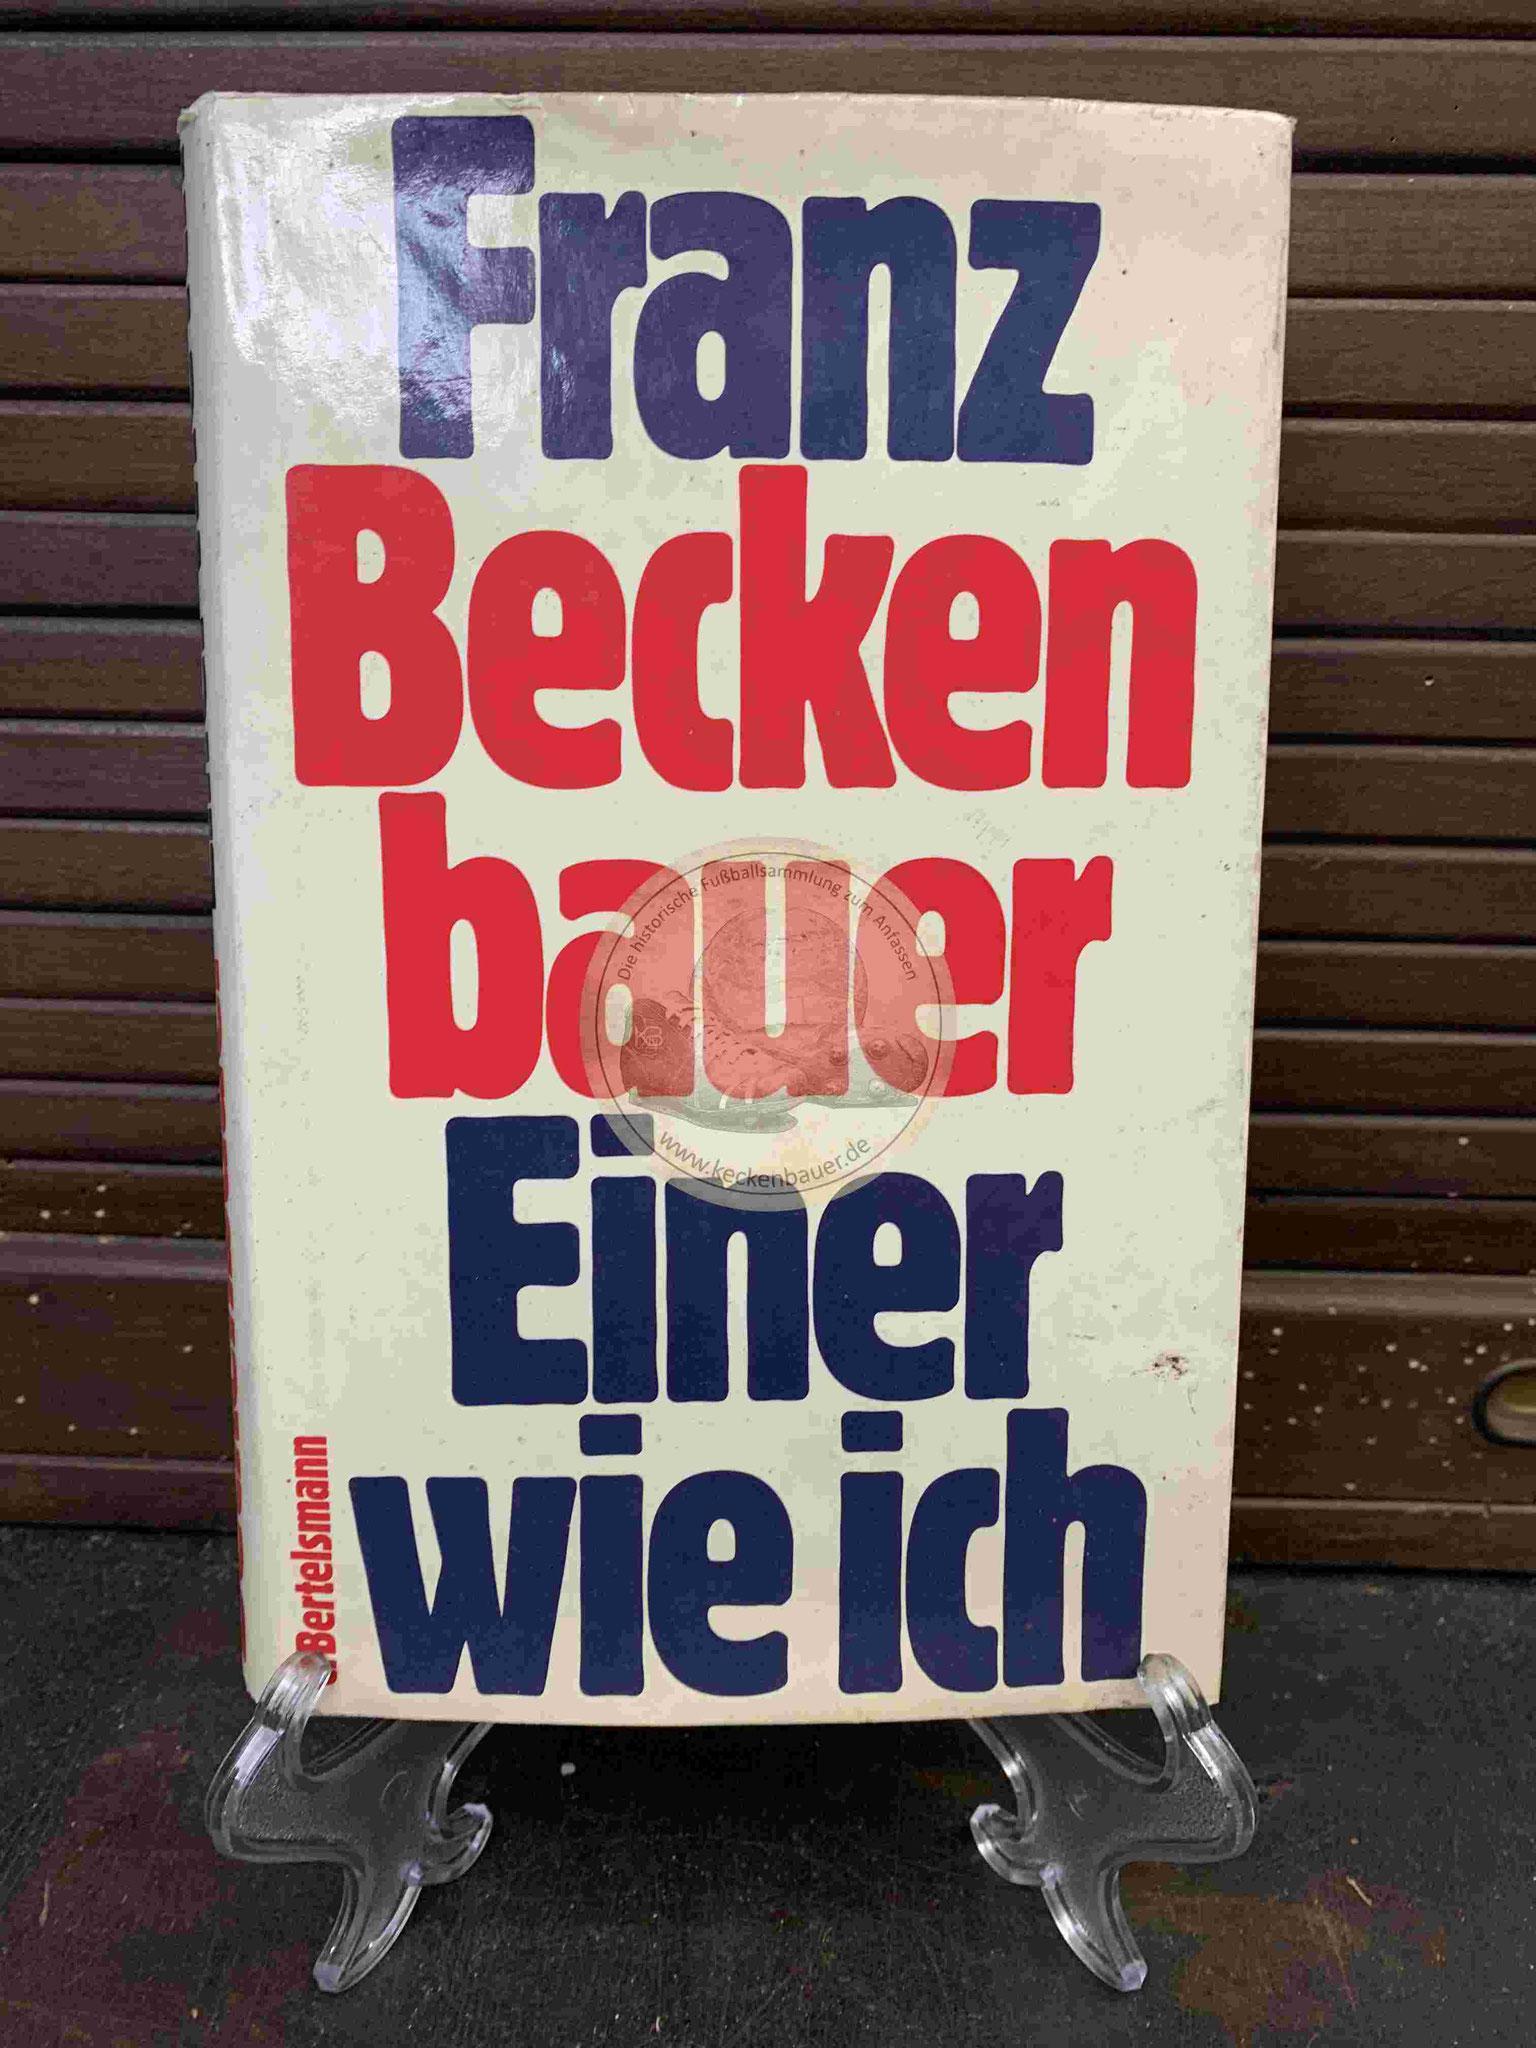 Franz Beckenbauer Einer wie ich mit Widmung aus dem Jahr 1975